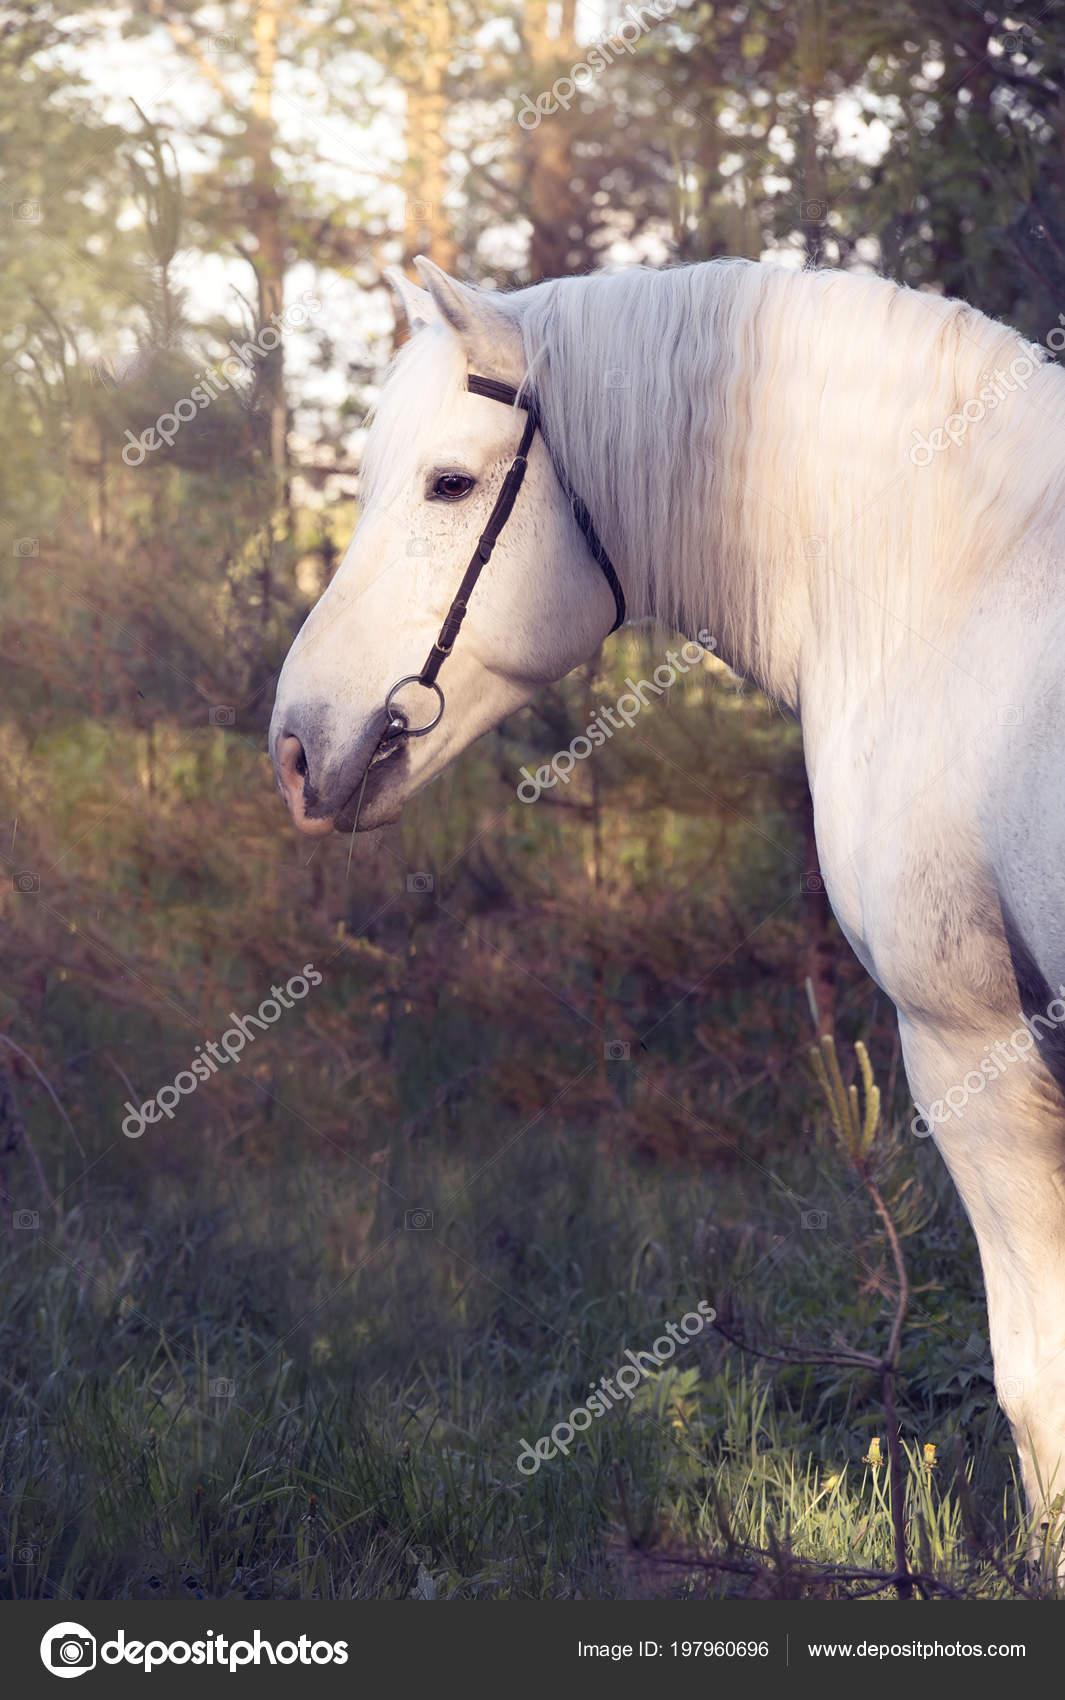 Pictures Percheron Draft Horse Portrait White Percheron Draft Horse Forest Stock Photo C Anakondasp 197960696